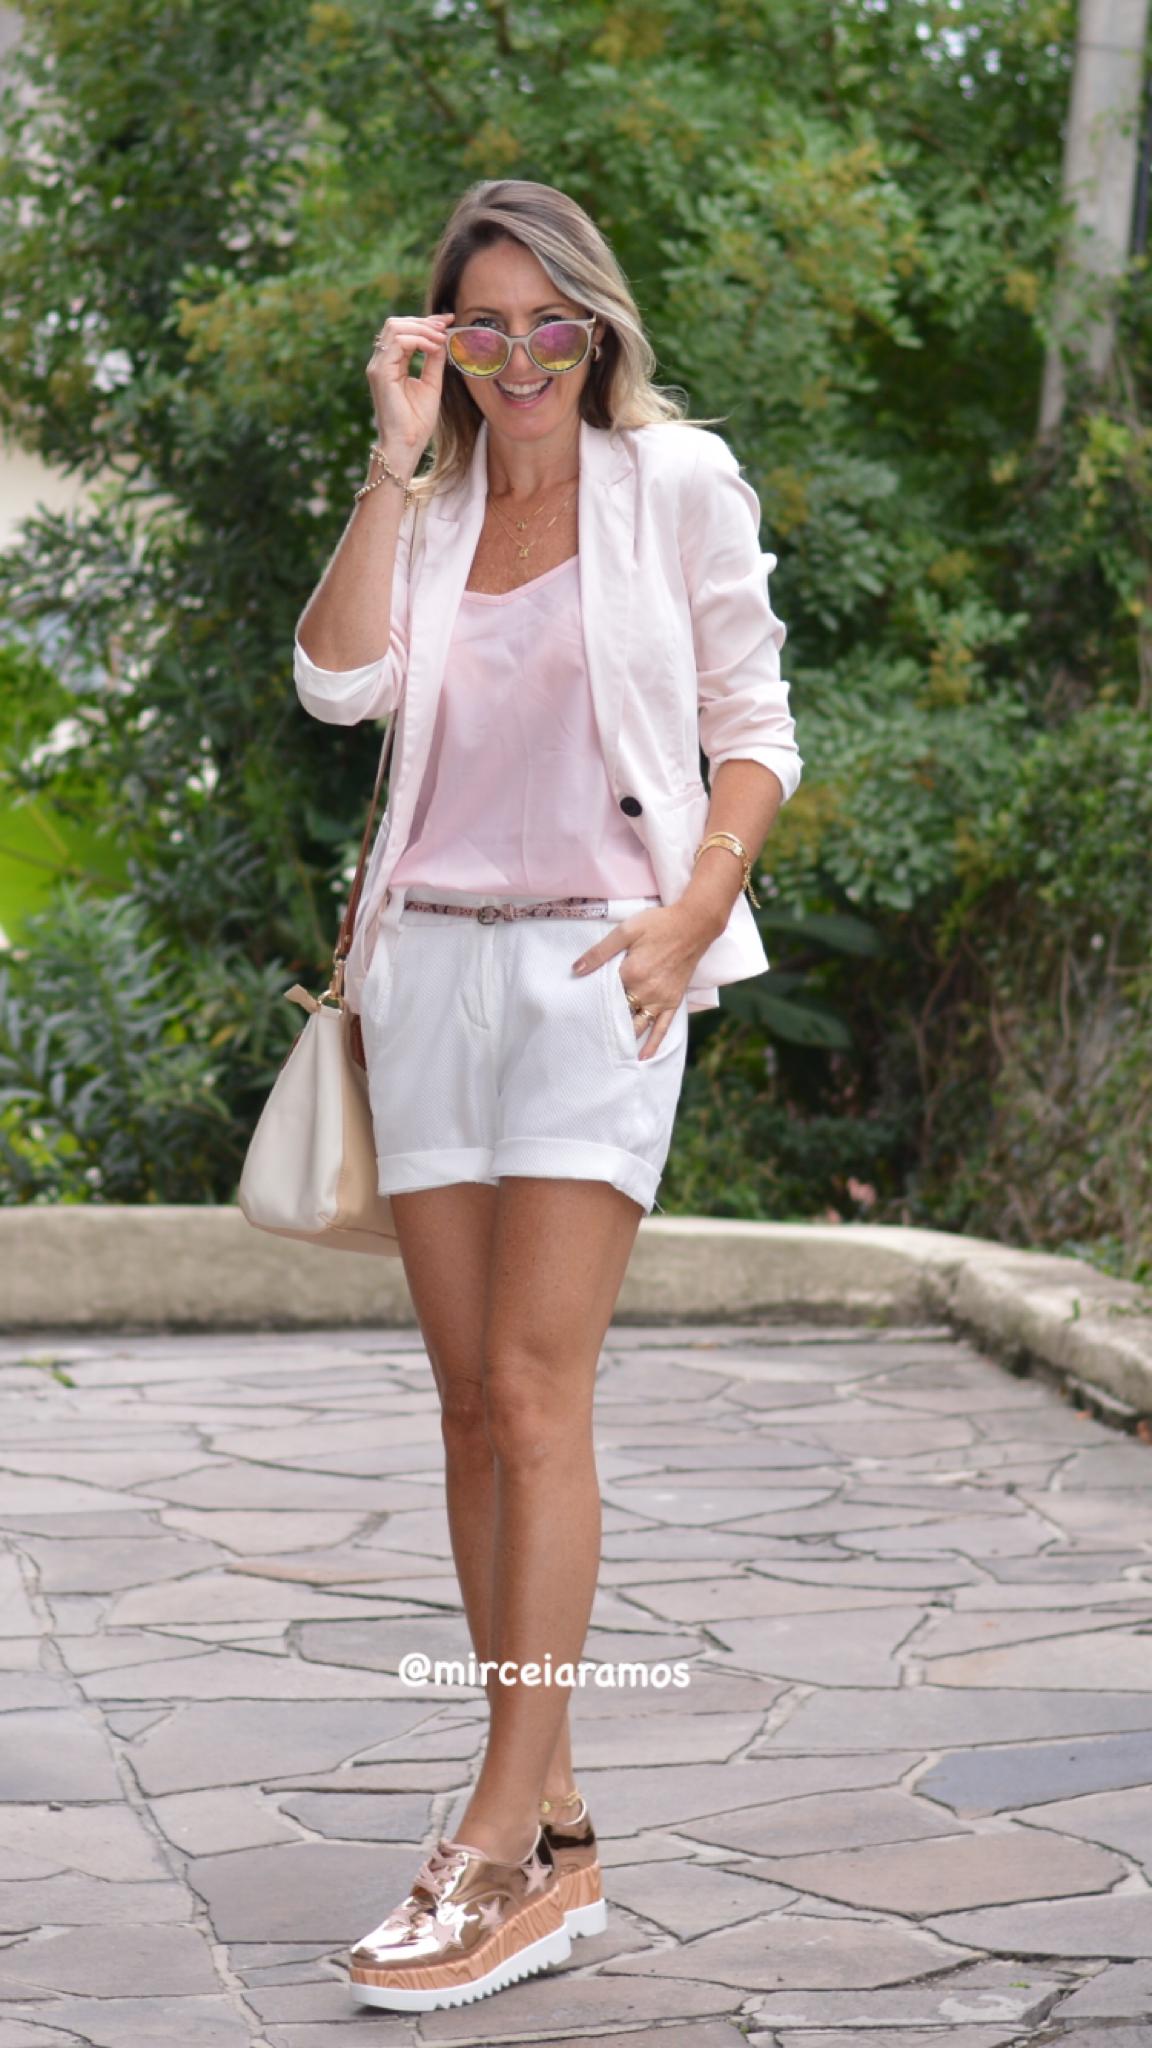 84995f7111 Look do dia - short branco - Blazer Rose - flatform - Oxford metalizado -  rosa - pink - ootd - outfit - casual - comfy